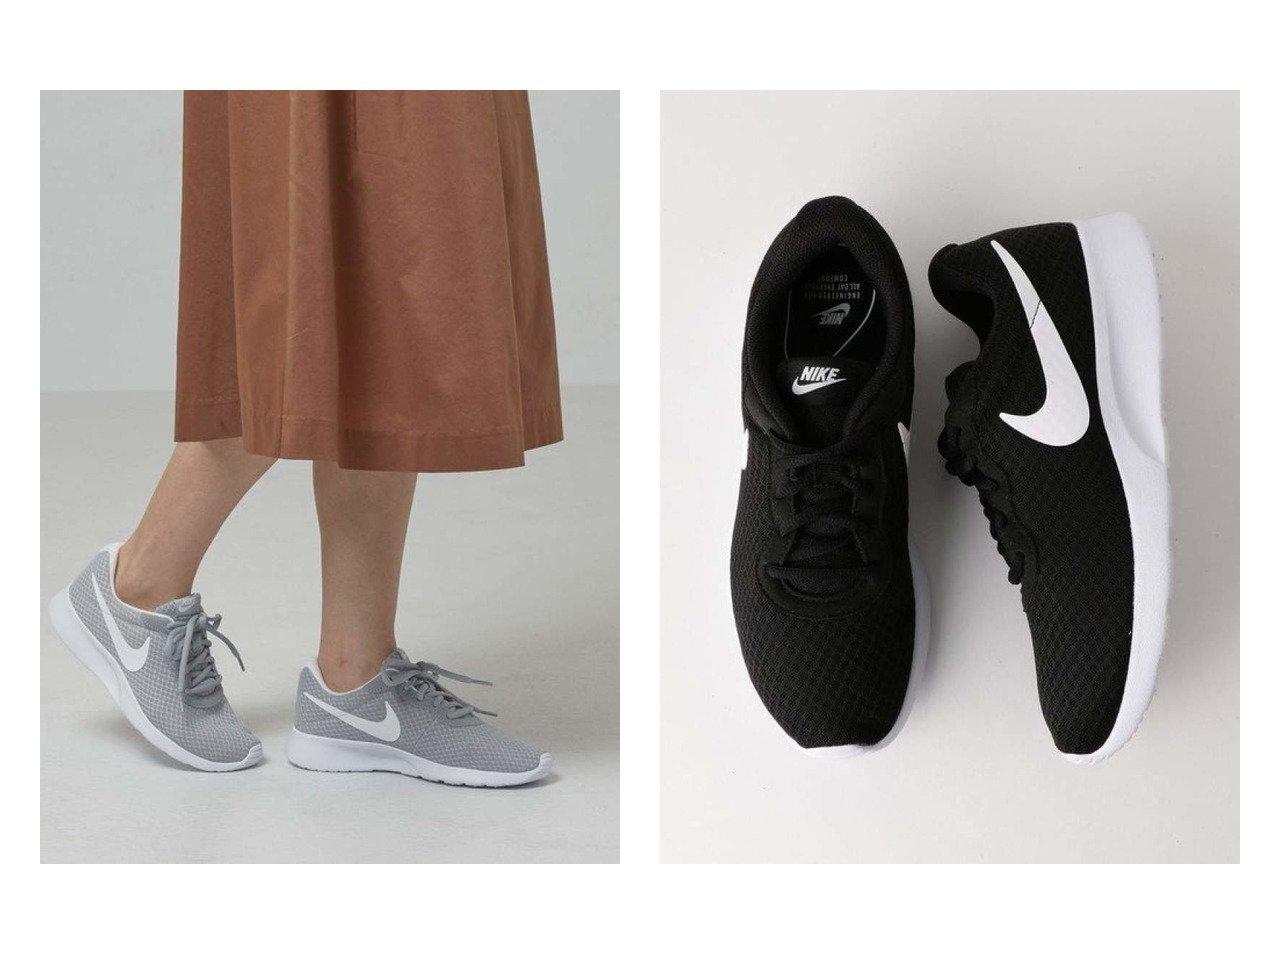 【THE STATION STORE / UNITED ARROWS/ザ ステーション ストア】のNIKE タンジュン スニーカー シューズ・靴のおすすめ!人気、トレンド・レディースファッションの通販 おすすめで人気の流行・トレンド、ファッションの通販商品 メンズファッション・キッズファッション・インテリア・家具・レディースファッション・服の通販 founy(ファニー) https://founy.com/ ファッション Fashion レディースファッション WOMEN エレガント シューズ シンプル スニーカー スリッポン  ID:crp329100000023324